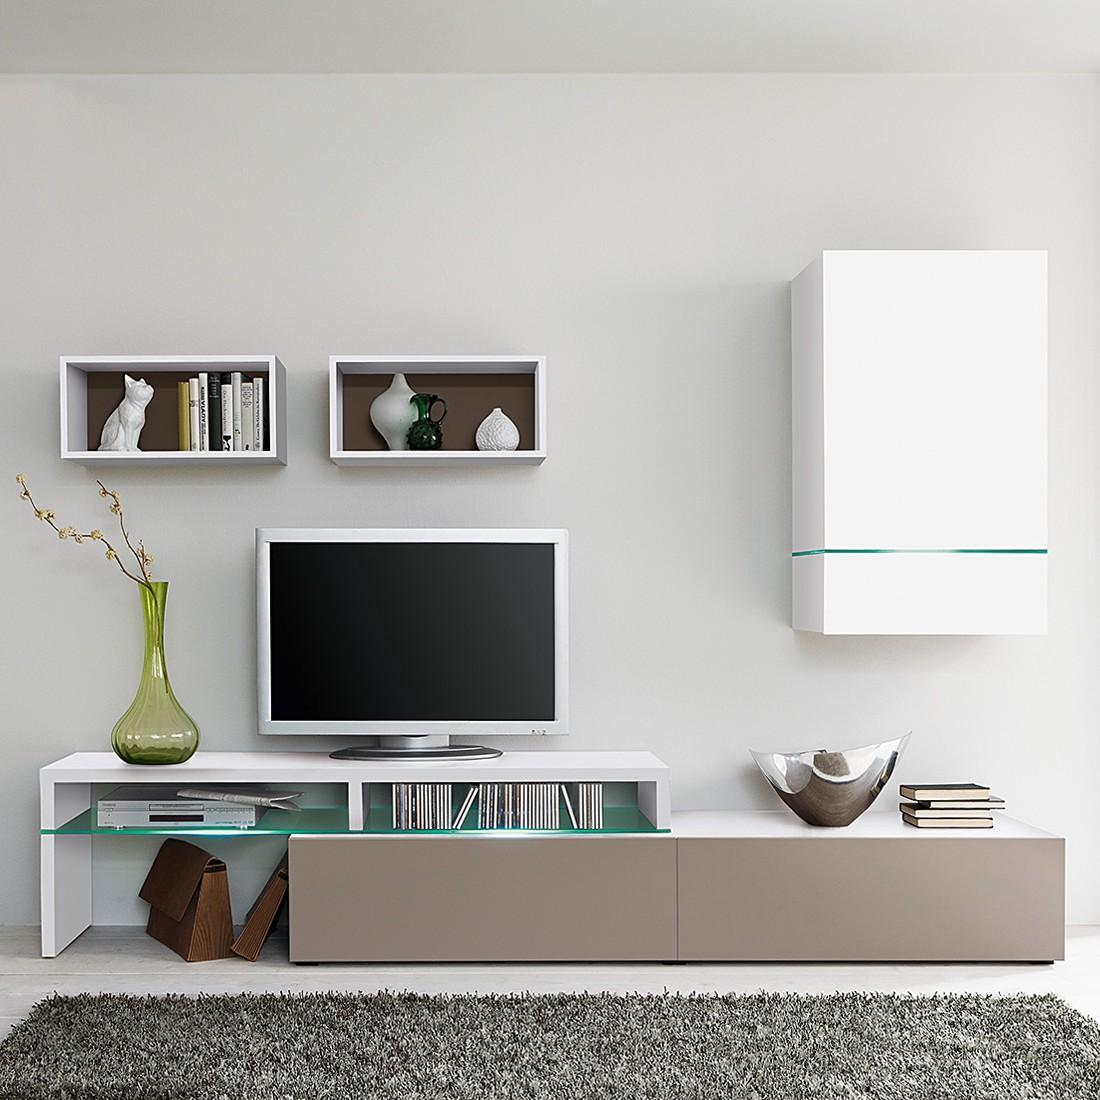 Cs Schmal wohnwand colourart 4 teilig weiß congo ohne beleuchtung cs schmal günstig